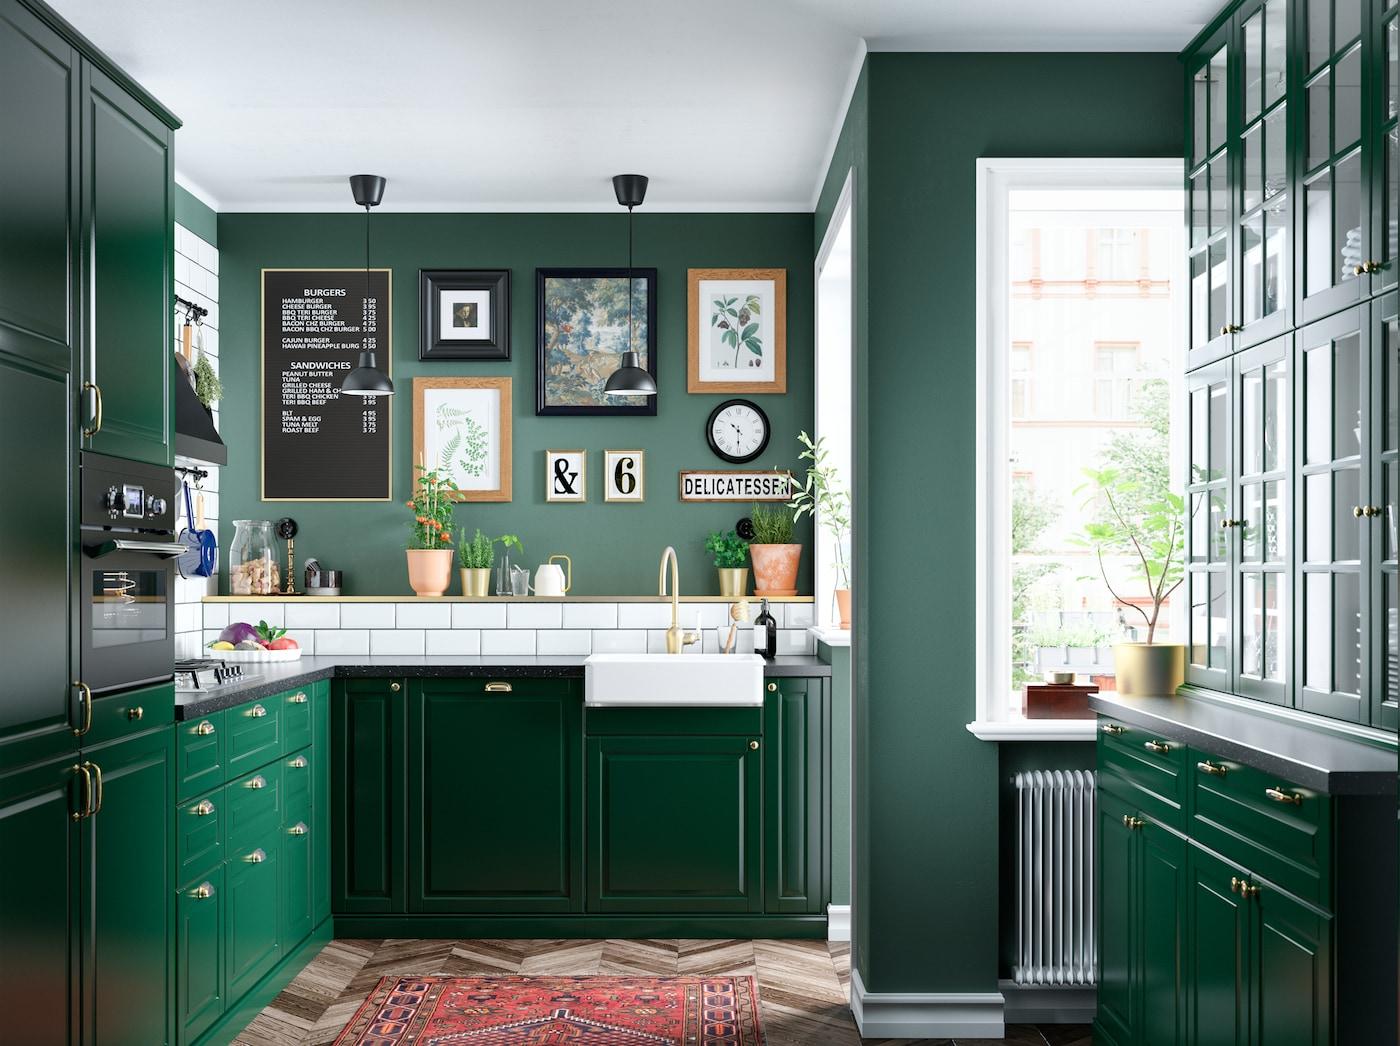 铺着白色瓷砖的深绿色厨房配有玻璃柜门和黄铜色混合型水龙头,图片墙上挂着各种各样的画框。